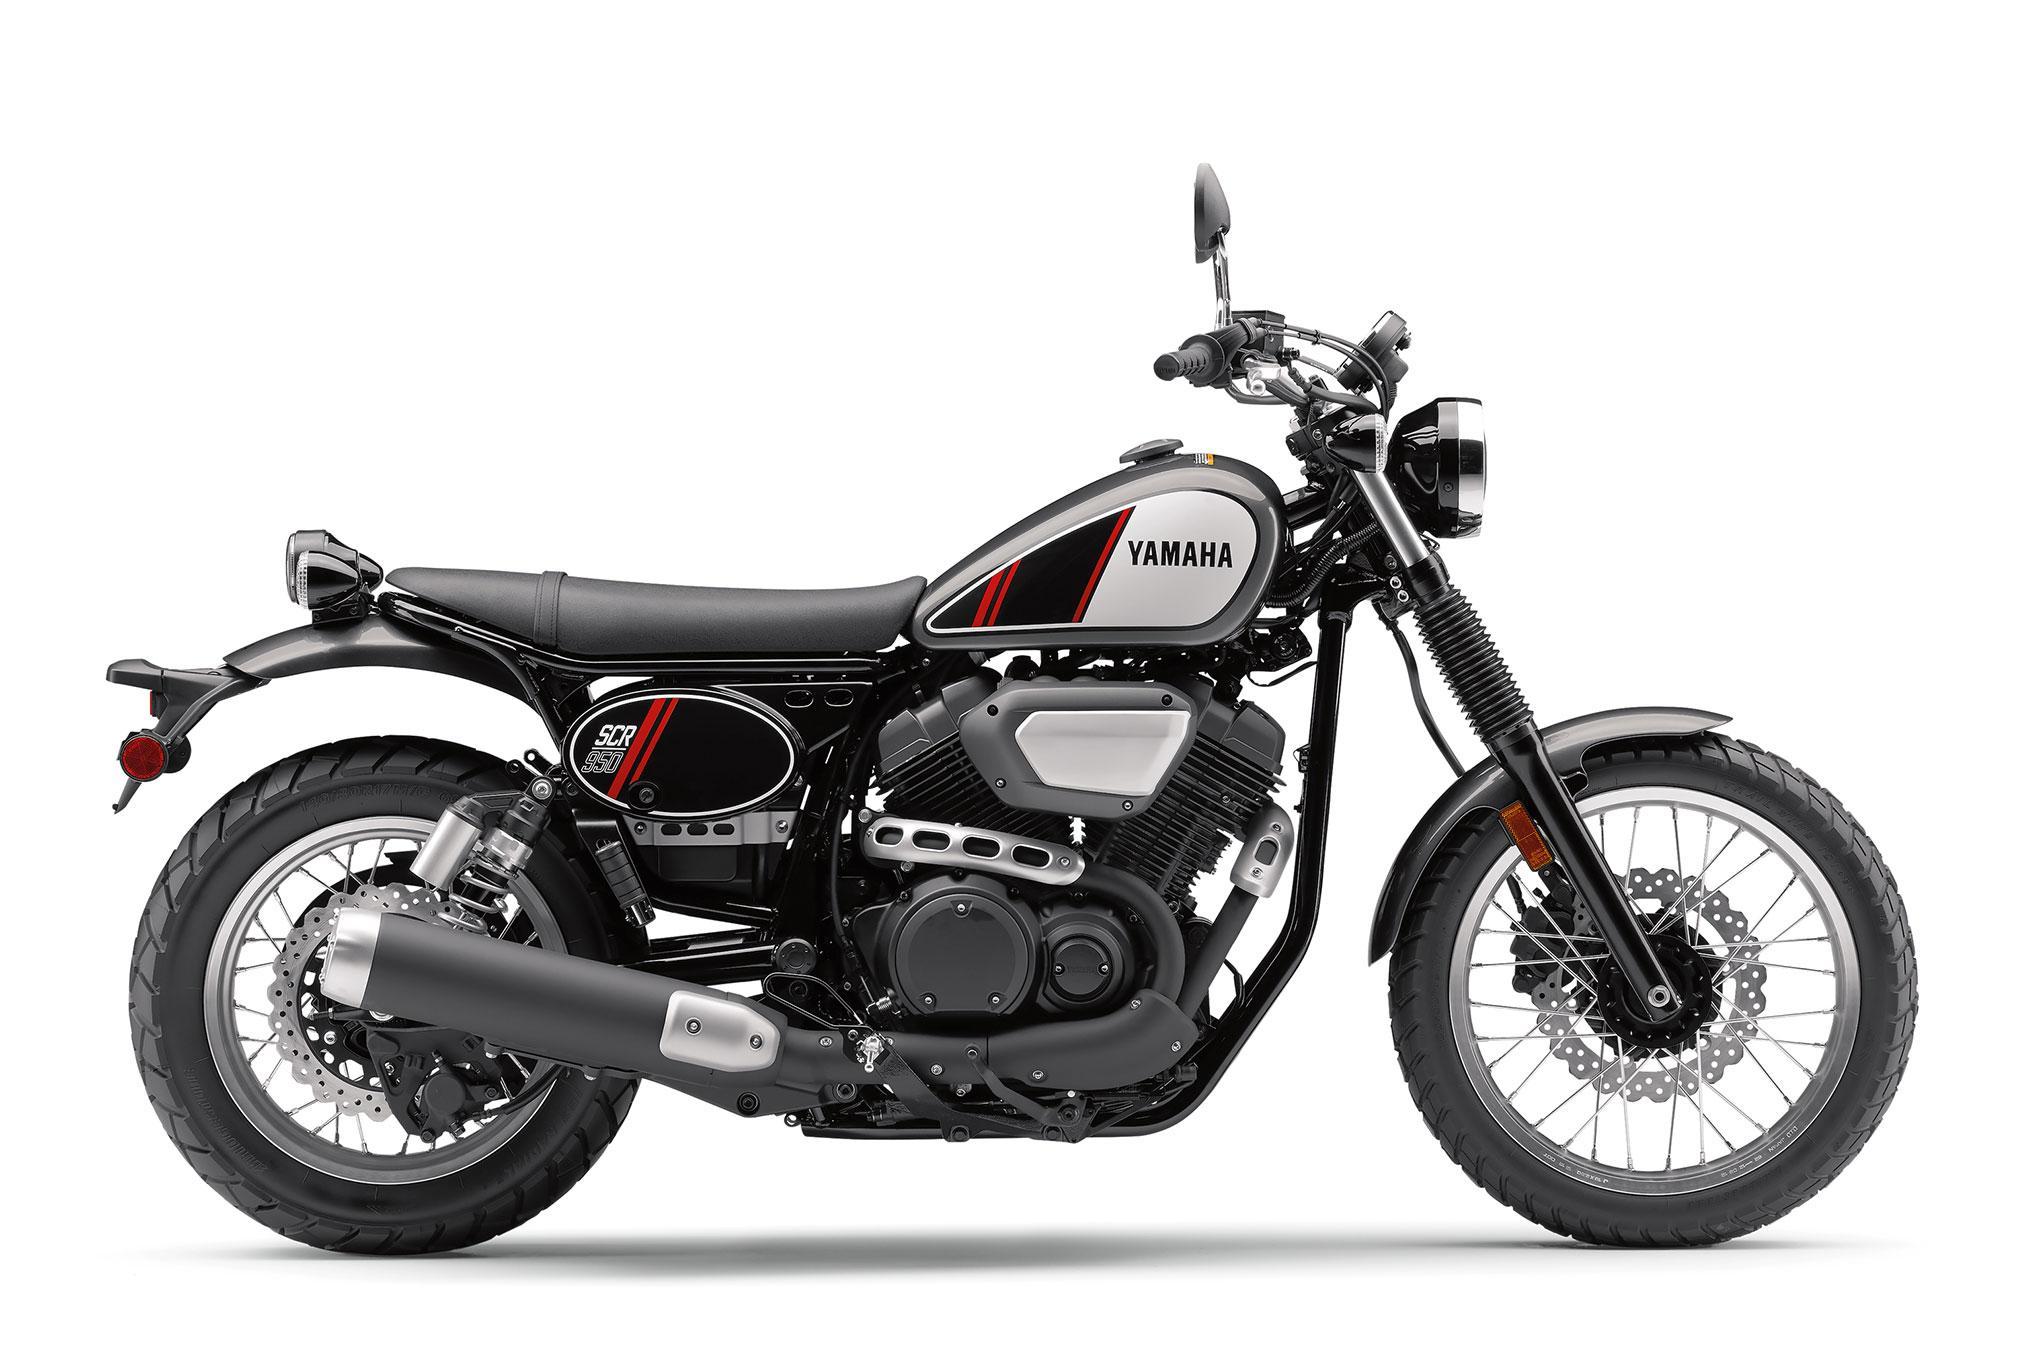 Yamaha Scr950 2017 Motorrad Fotos Amp Motorrad Bilder